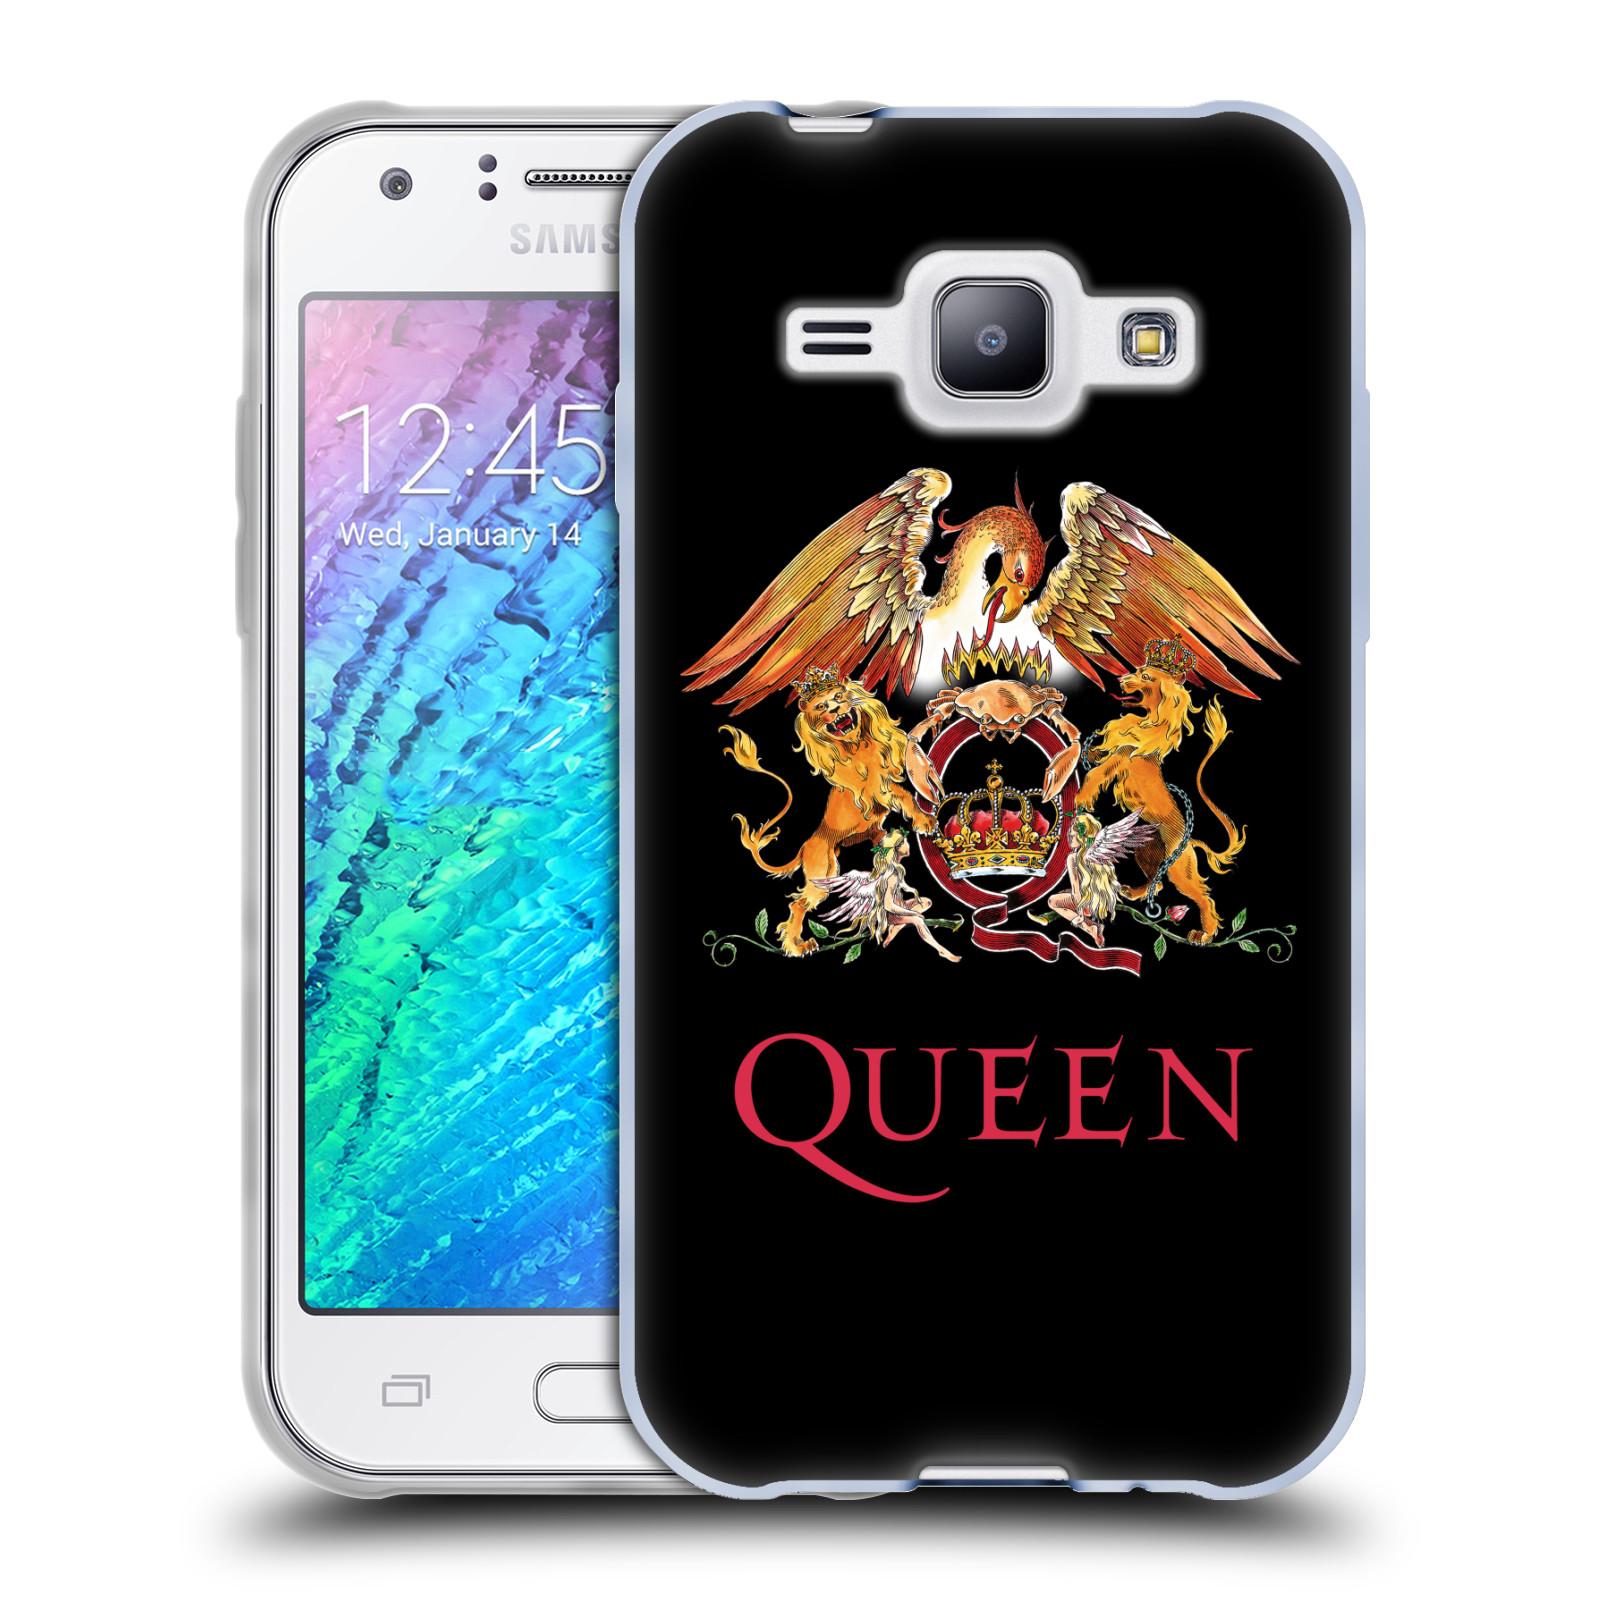 Silikonové pouzdro na mobil Samsung Galaxy J1 HEAD CASE Queen - Logo (Silikonový kryt či obal na mobilní telefon licencovaným motivem Queen pro Samsung Galaxy J1 a J1 Duos)